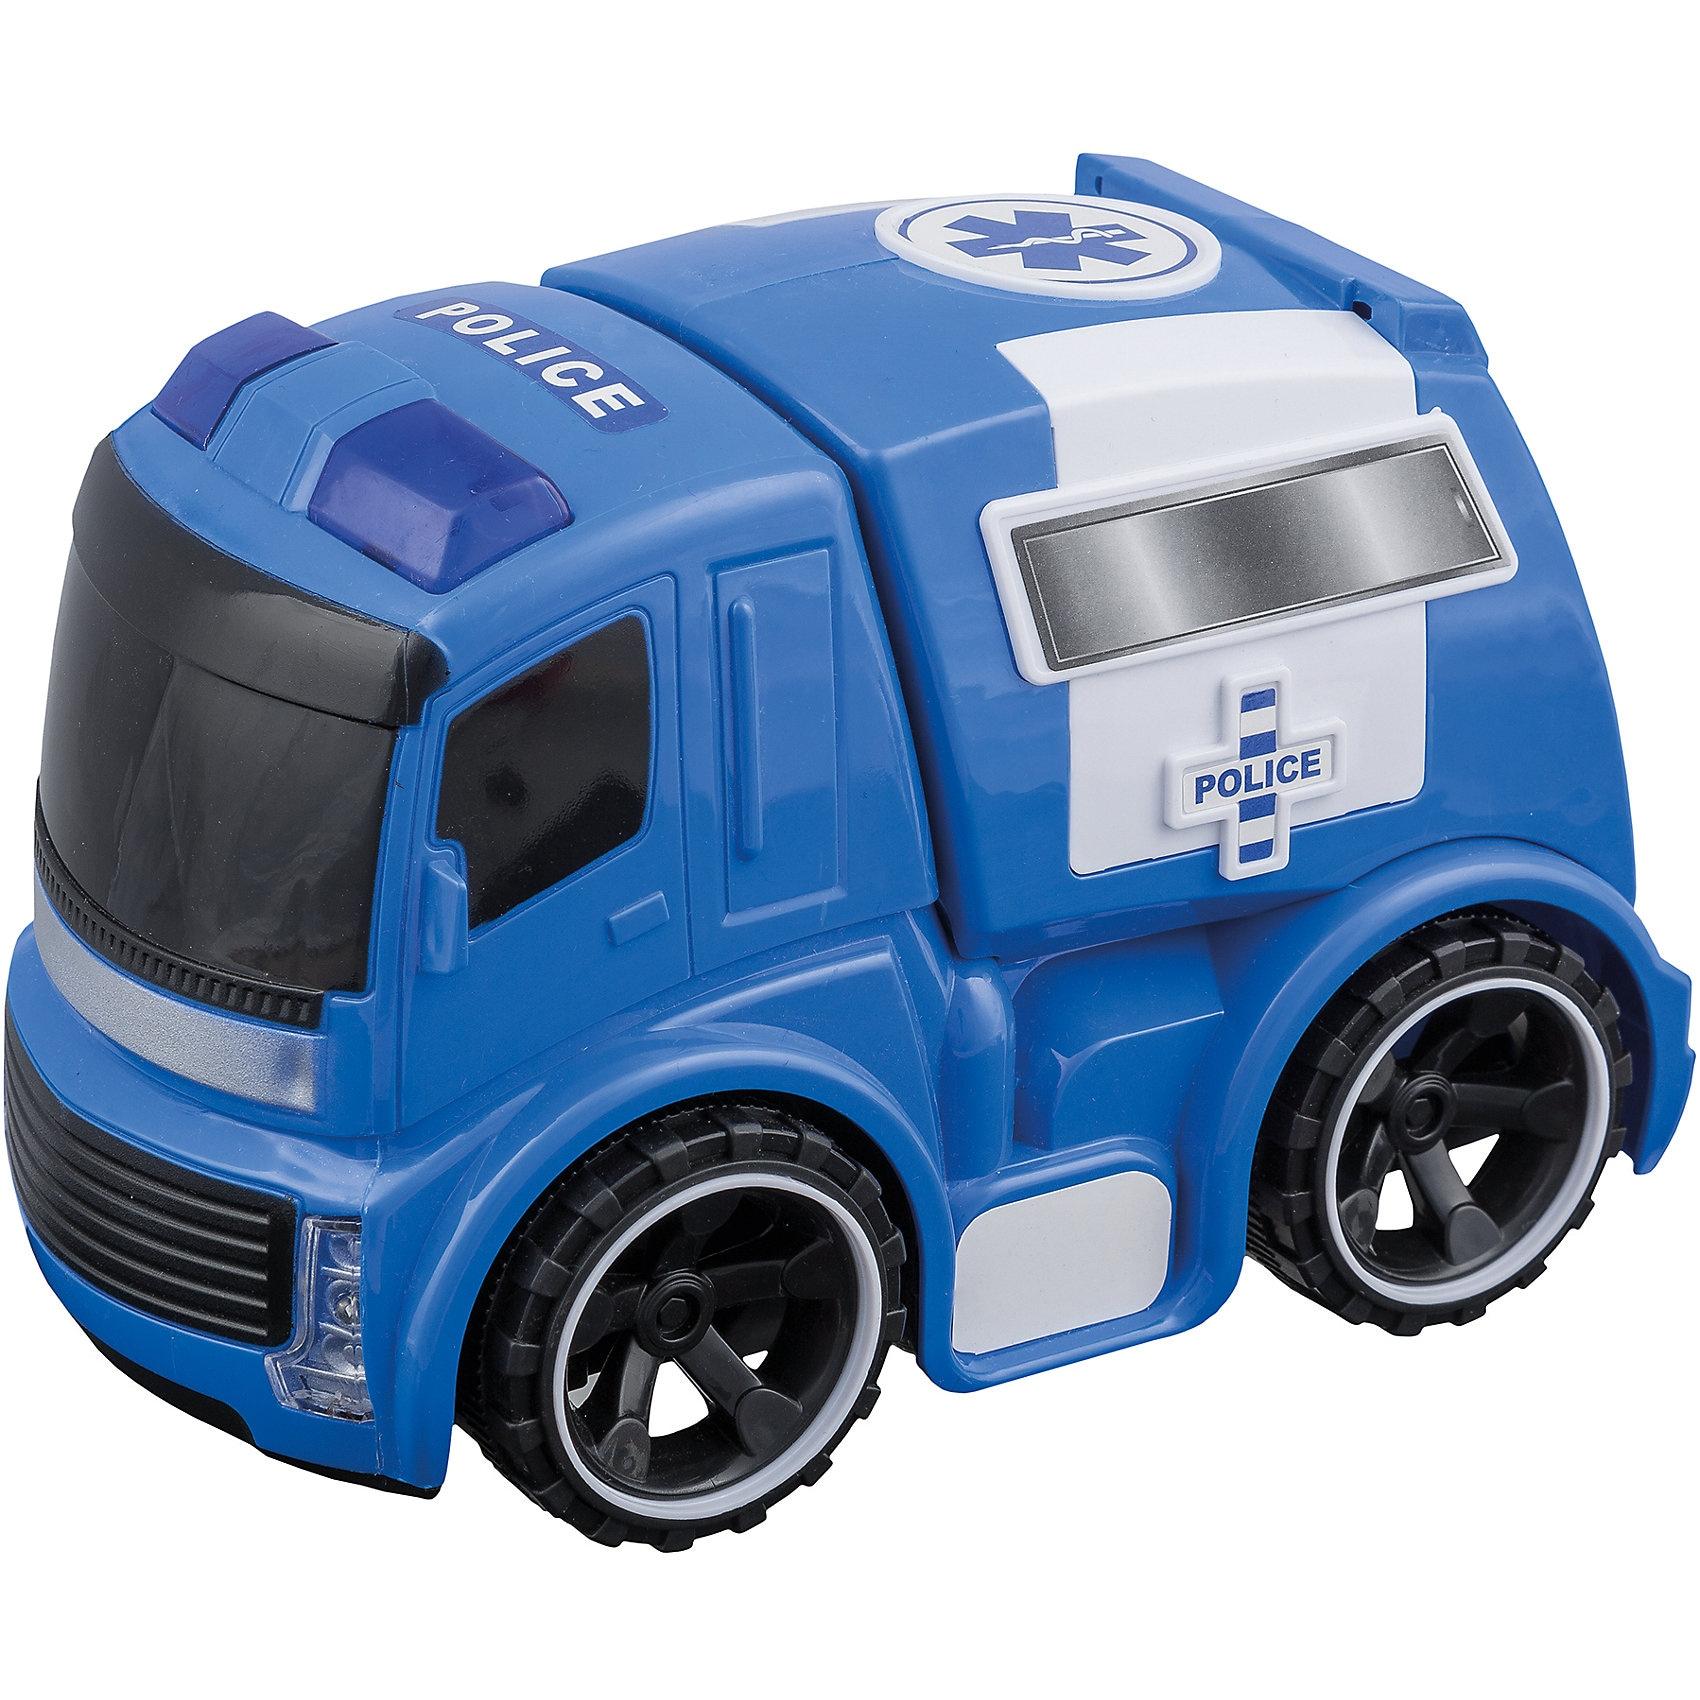 Idena Idena Polizeiwagen mit Antrieb Licht und Sound